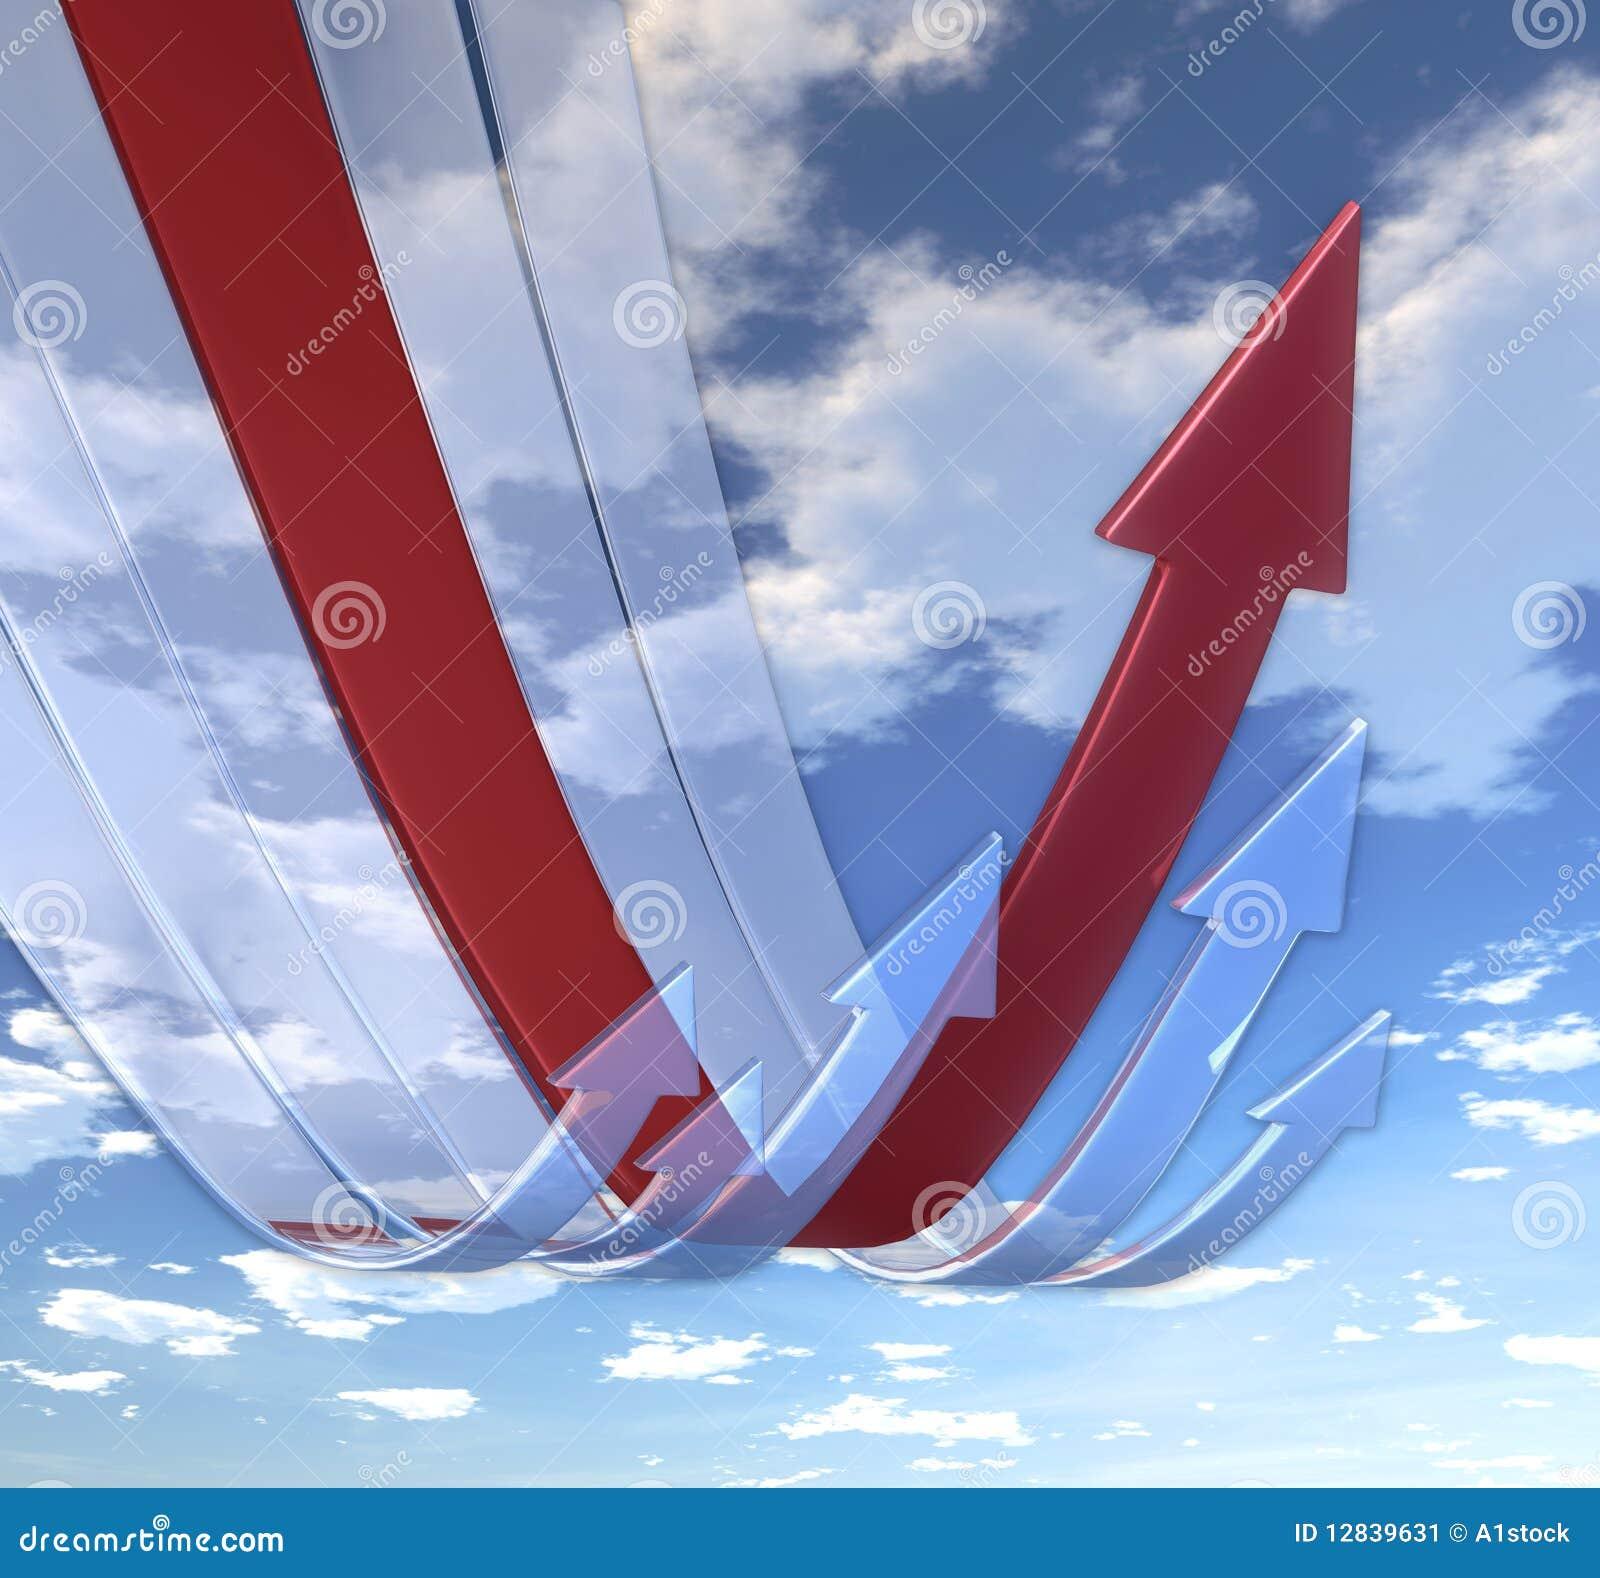 Rebounding red för pilar